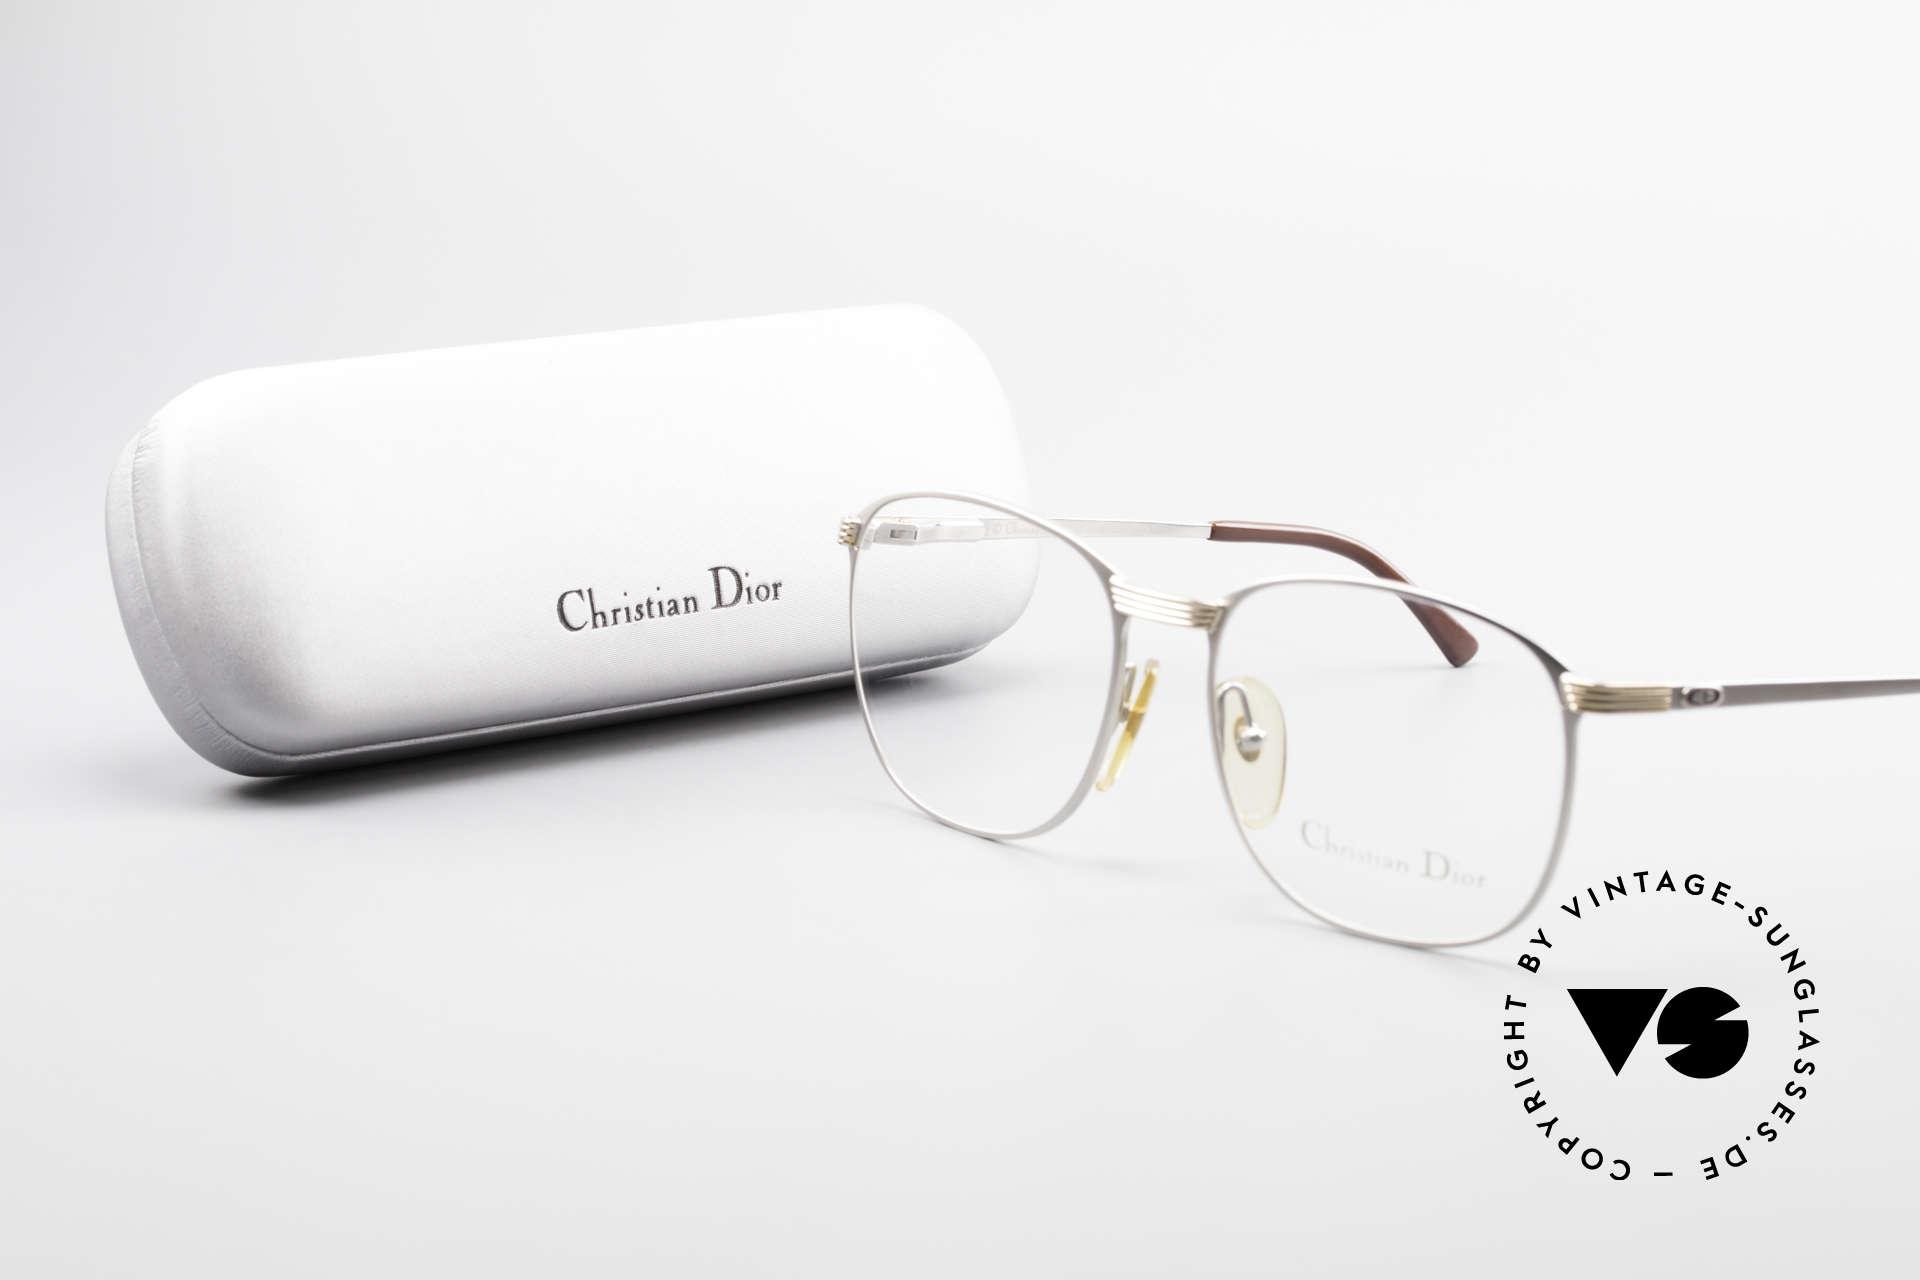 Christian Dior 2721 80er Titanium Fassung Herren, die Fassung ist beliebig verglasbar (optisch od. Sonne), Passend für Herren